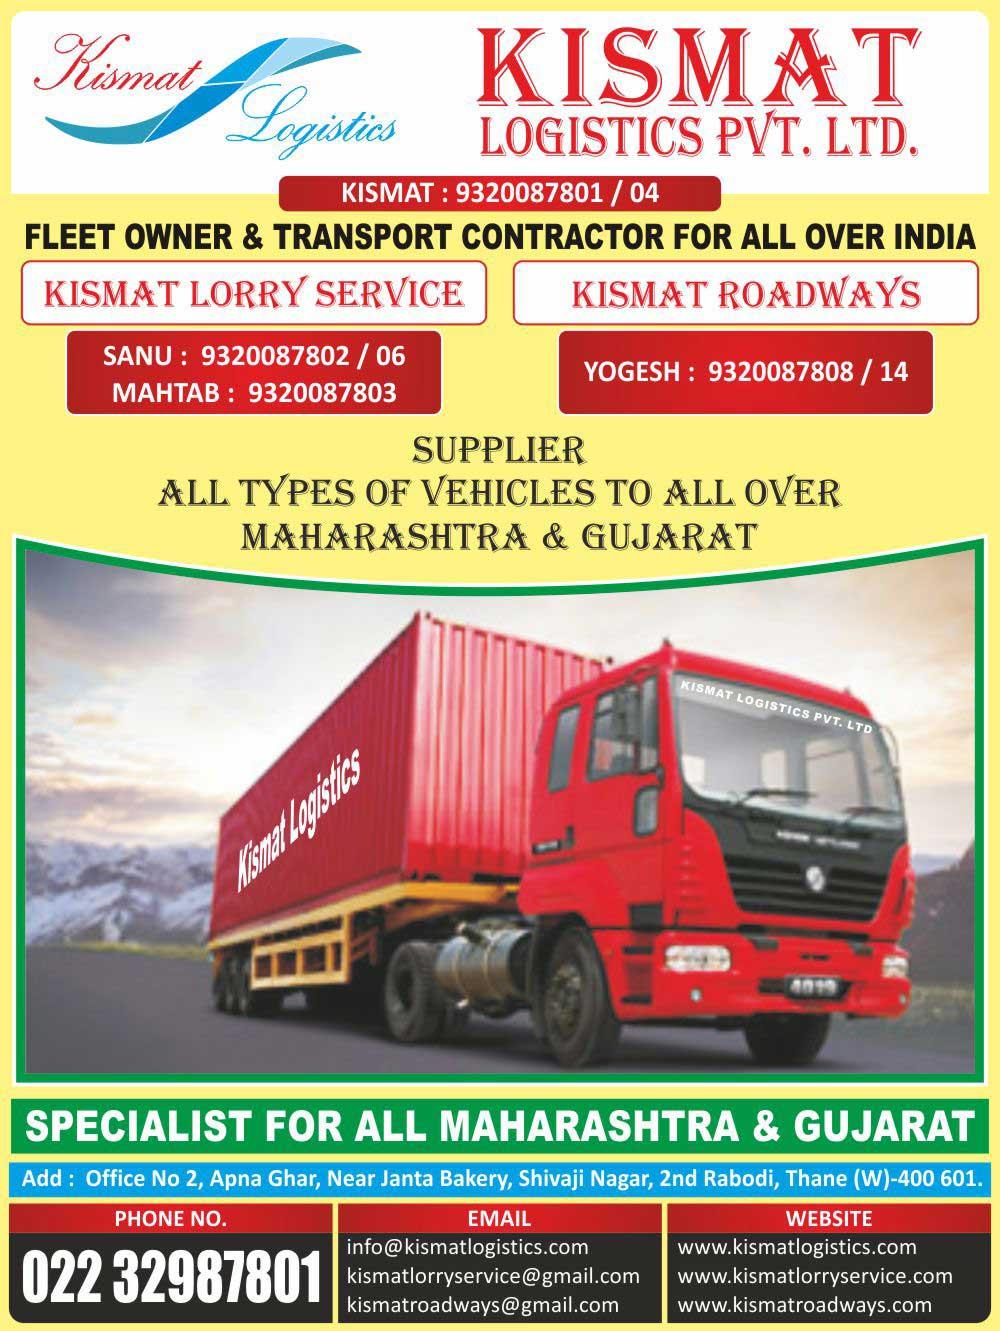 Kismat Logistics